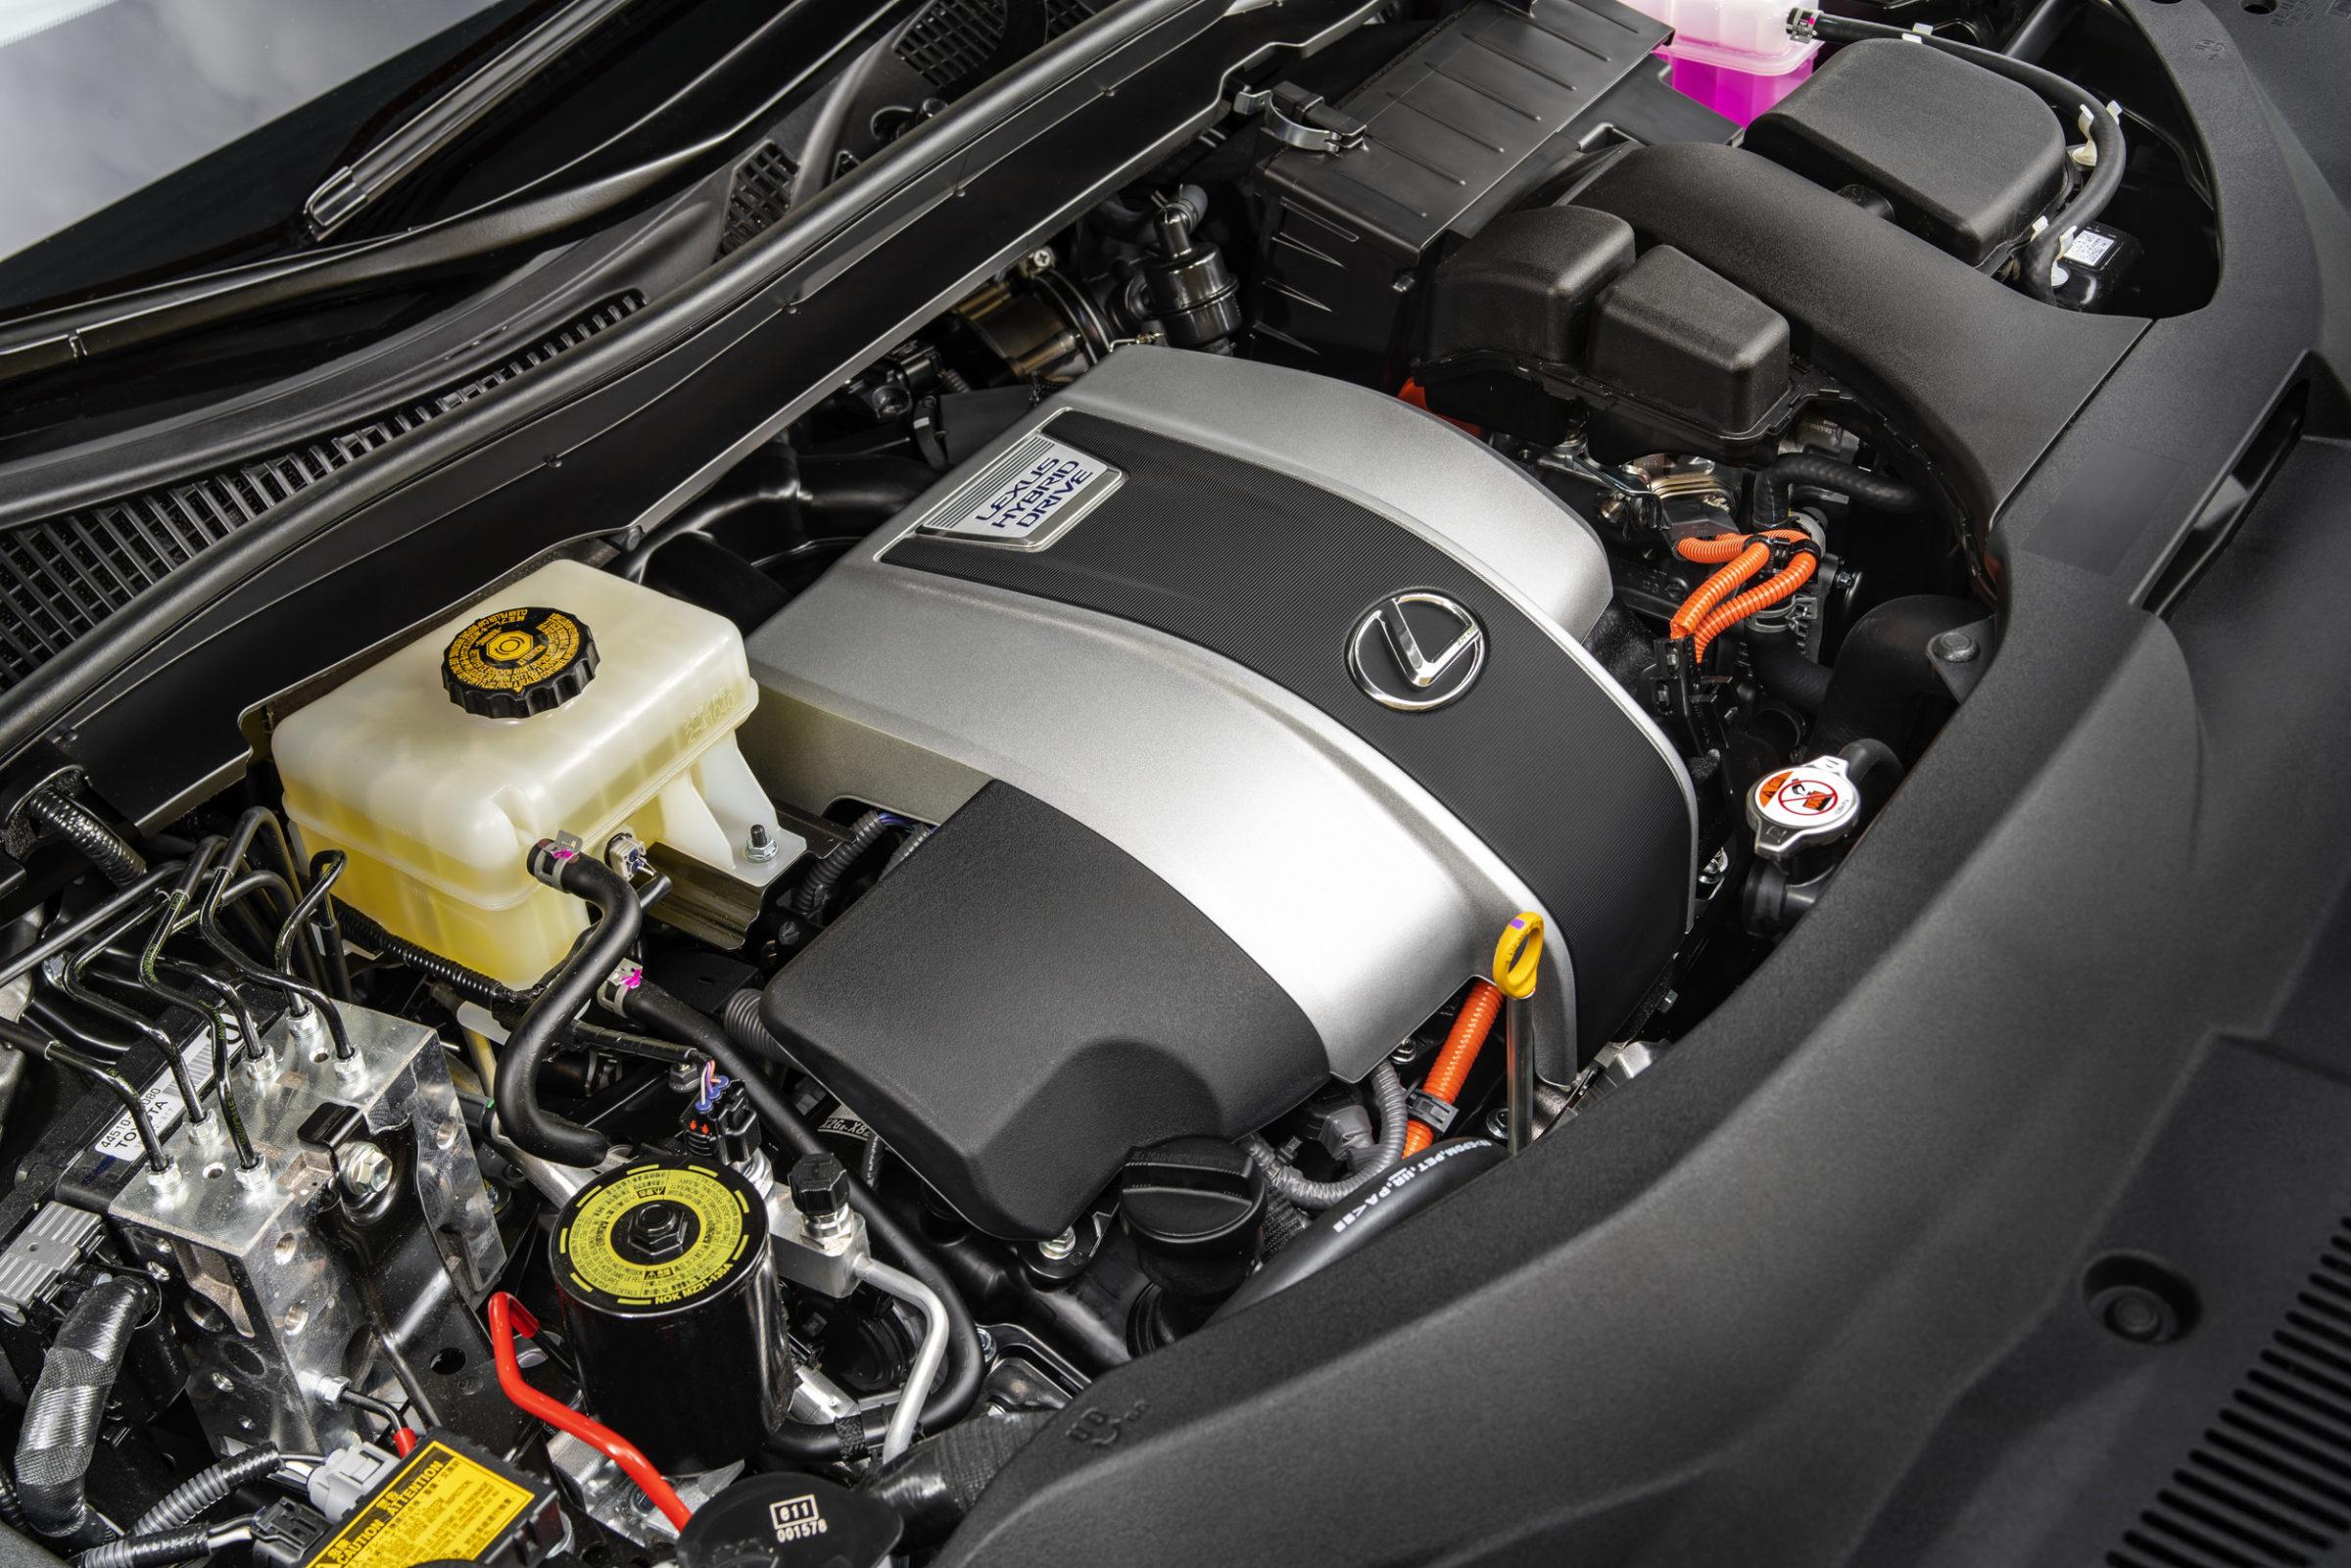 ampnet photo 20180530 149170 - Lexus RX 450h L: Luxus Crossover